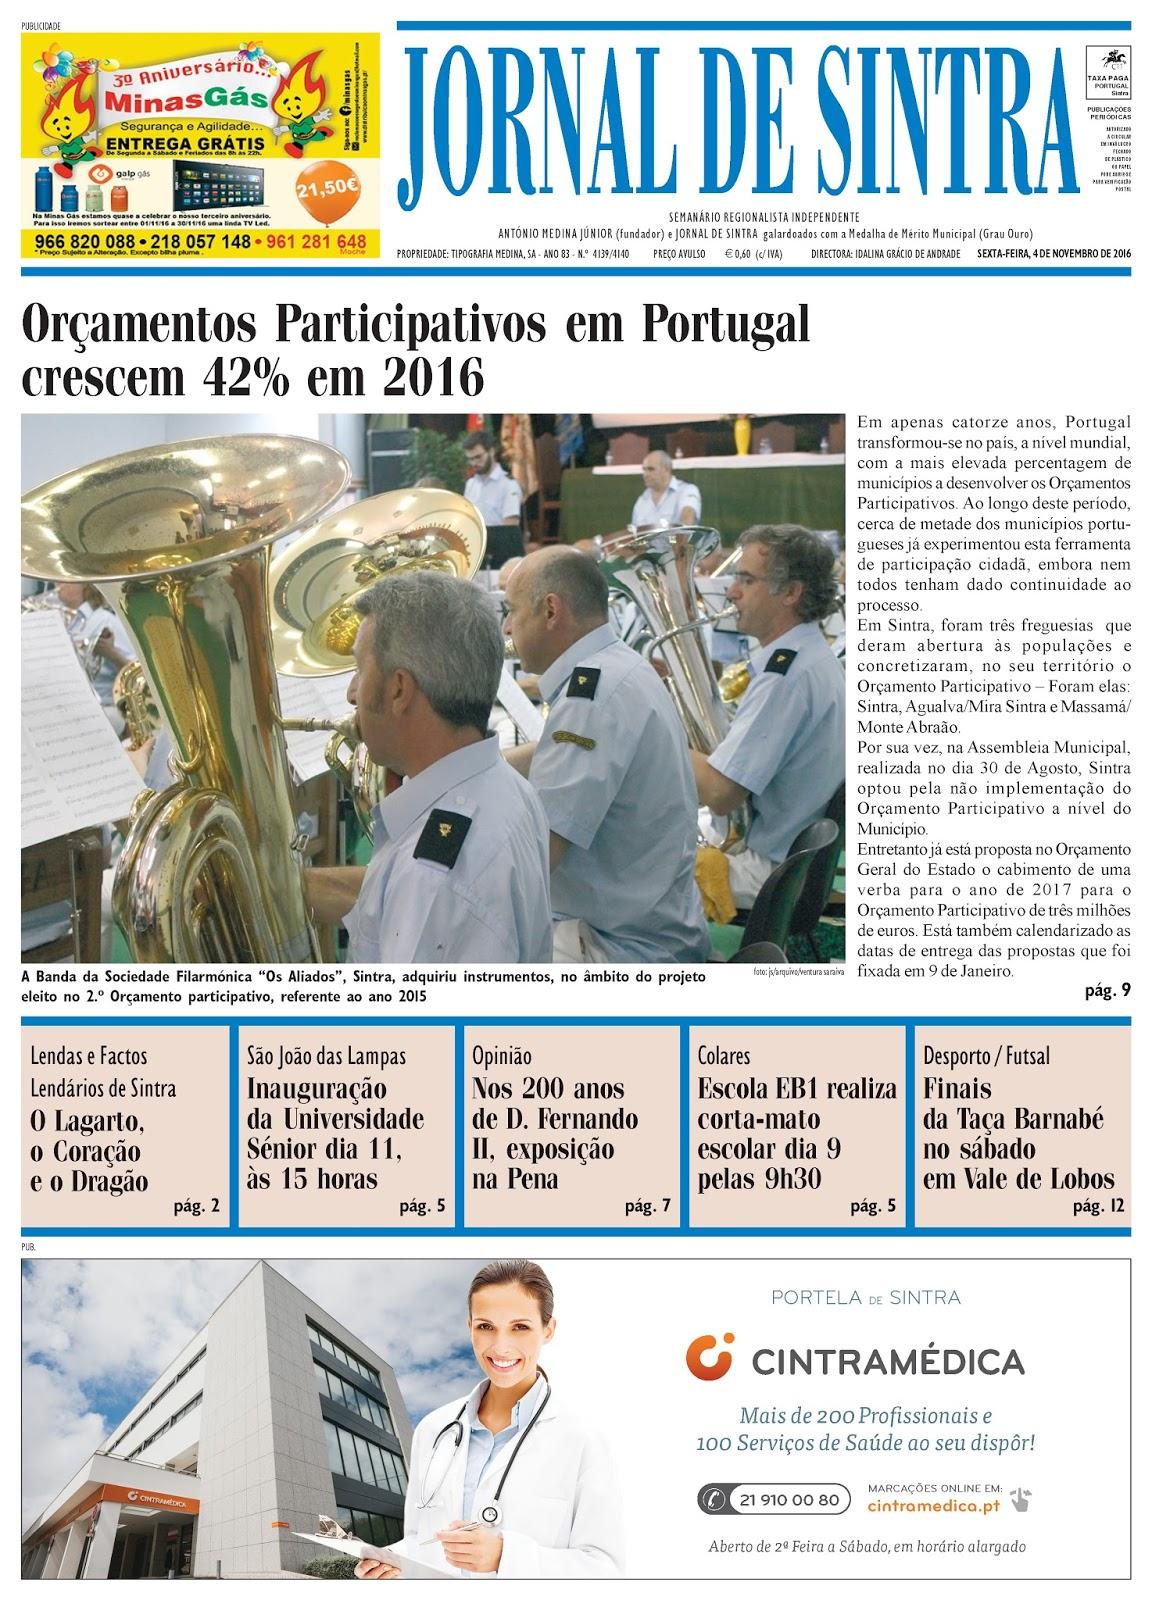 Capa da edição de 04-11-2016